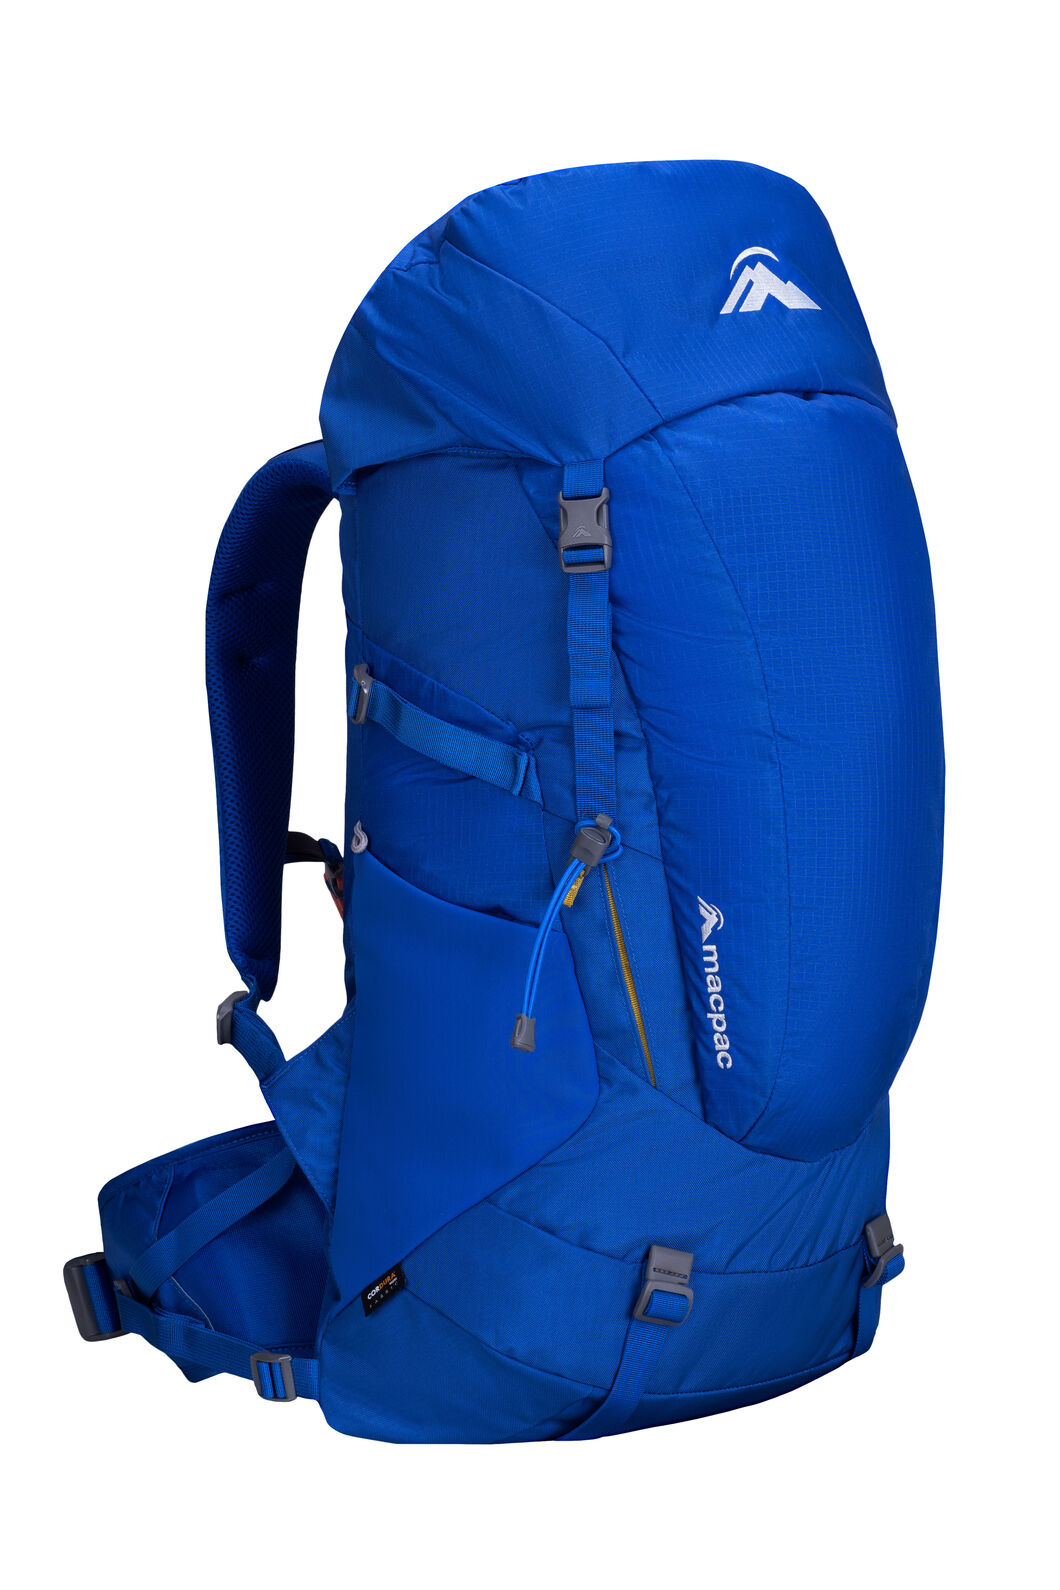 Macpac Torlesse 35L Hiking Backpack, Nautical Blue, hi-res